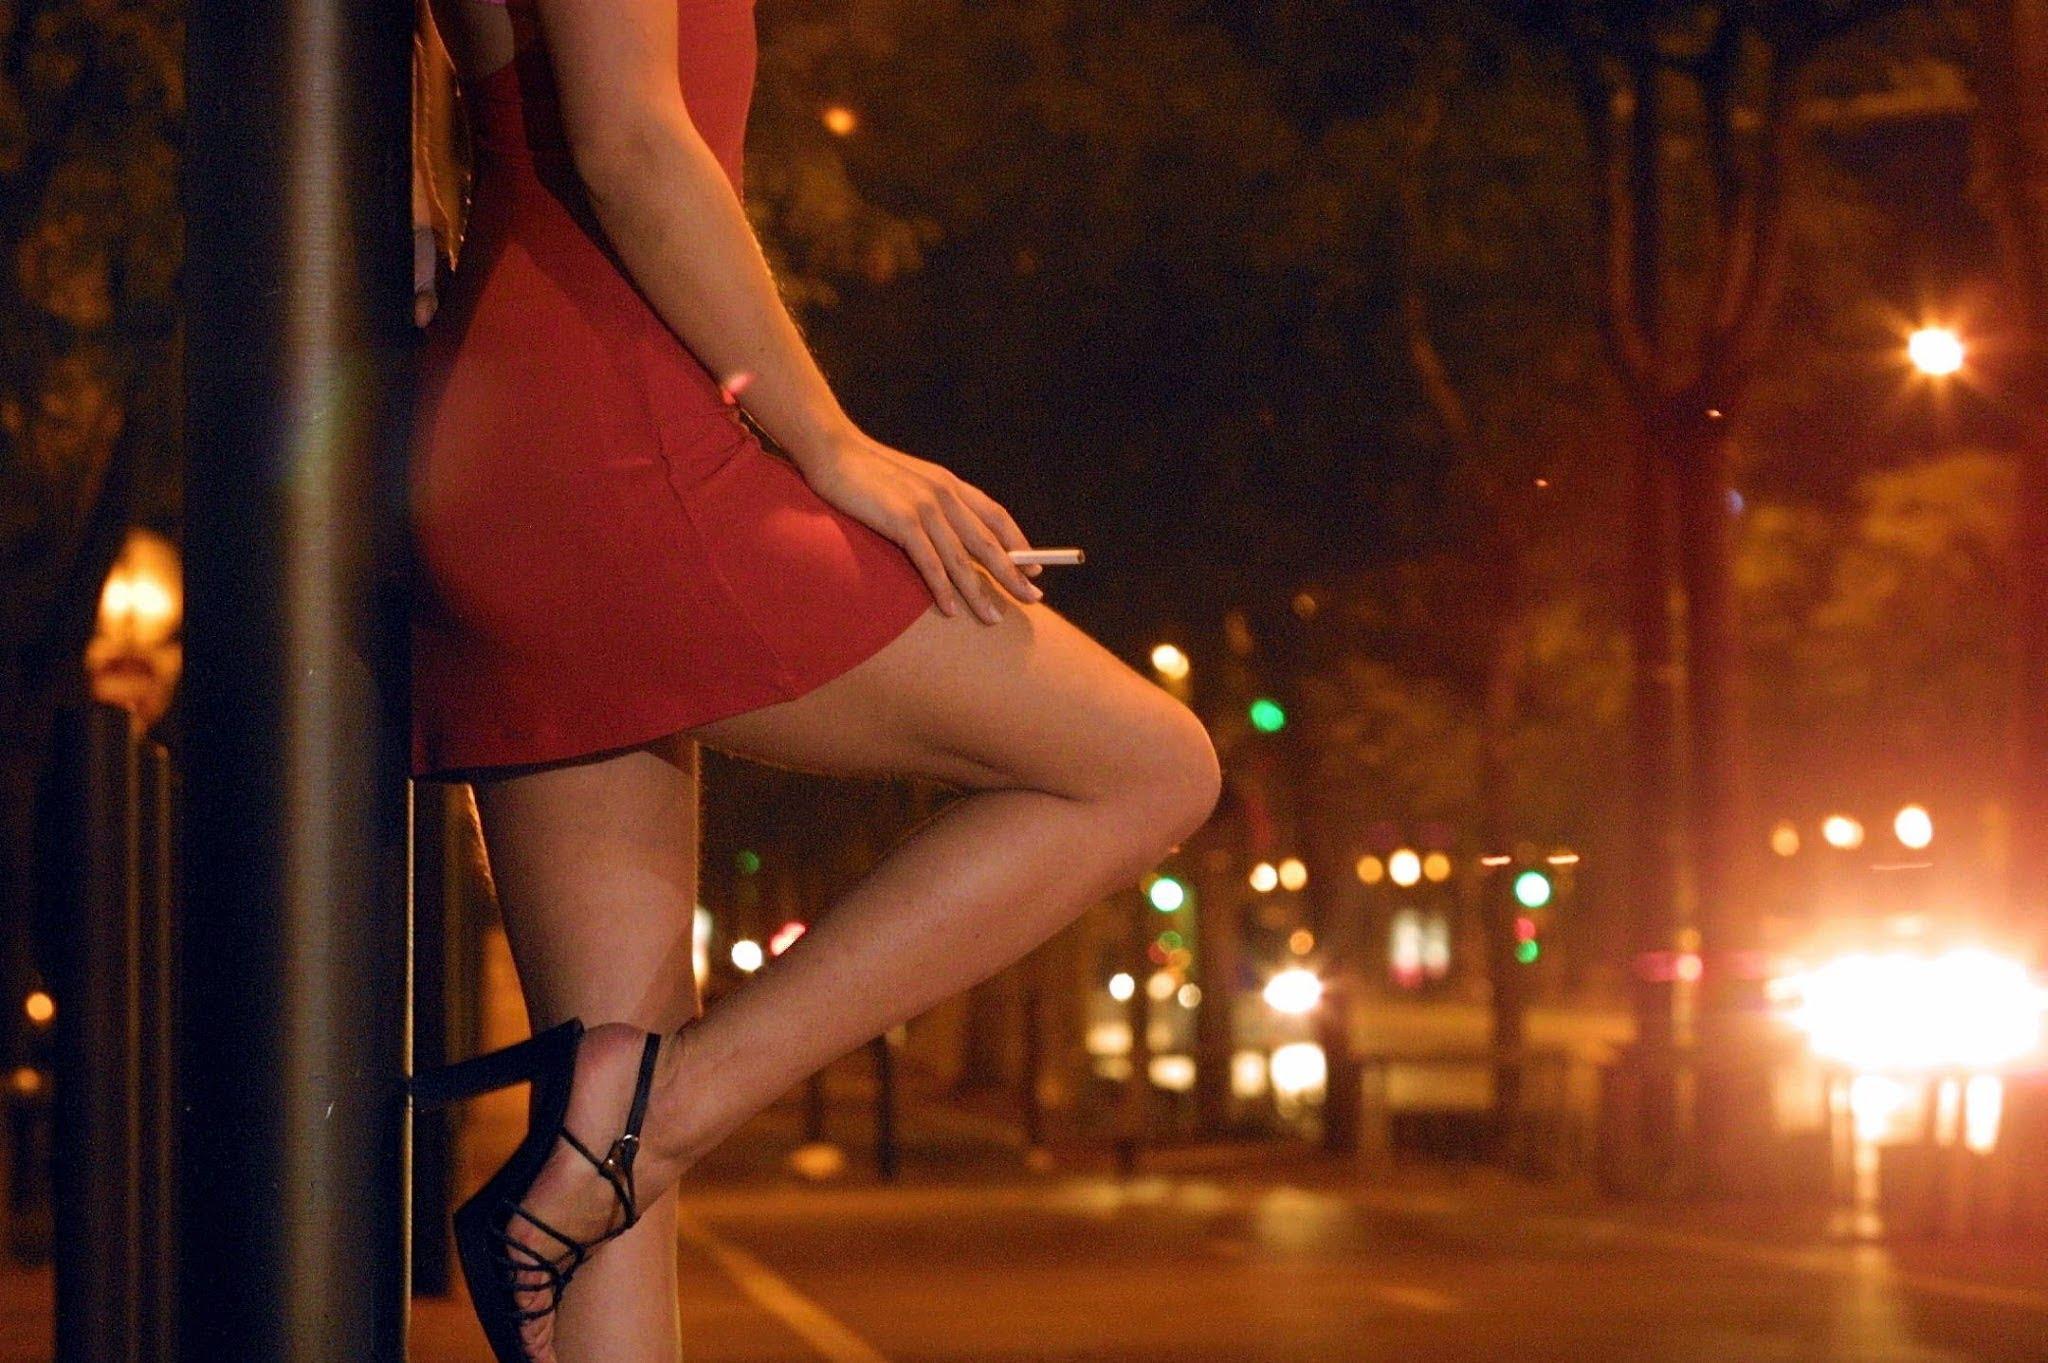 Проститутку длЯ aнaлa в тюмени